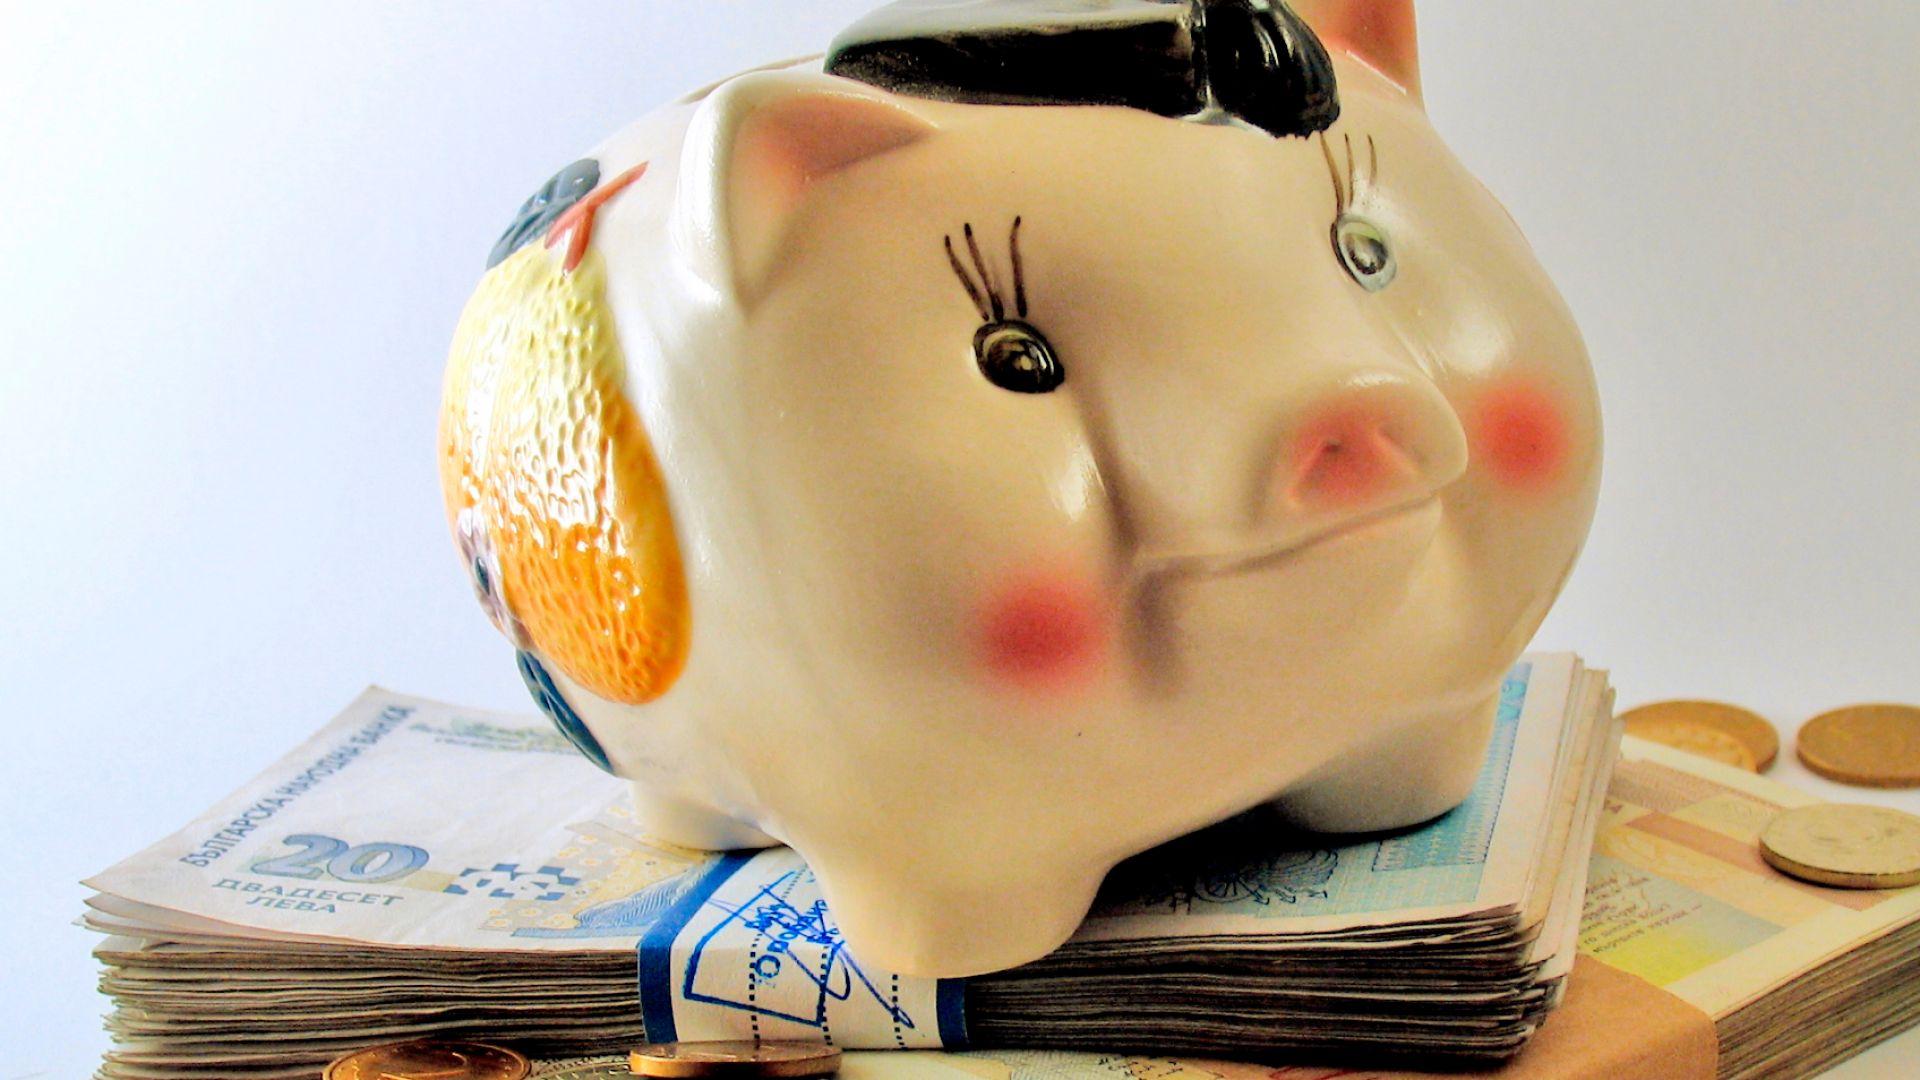 Дългът на България за 2017 г. малко под 26 млрд. лв.